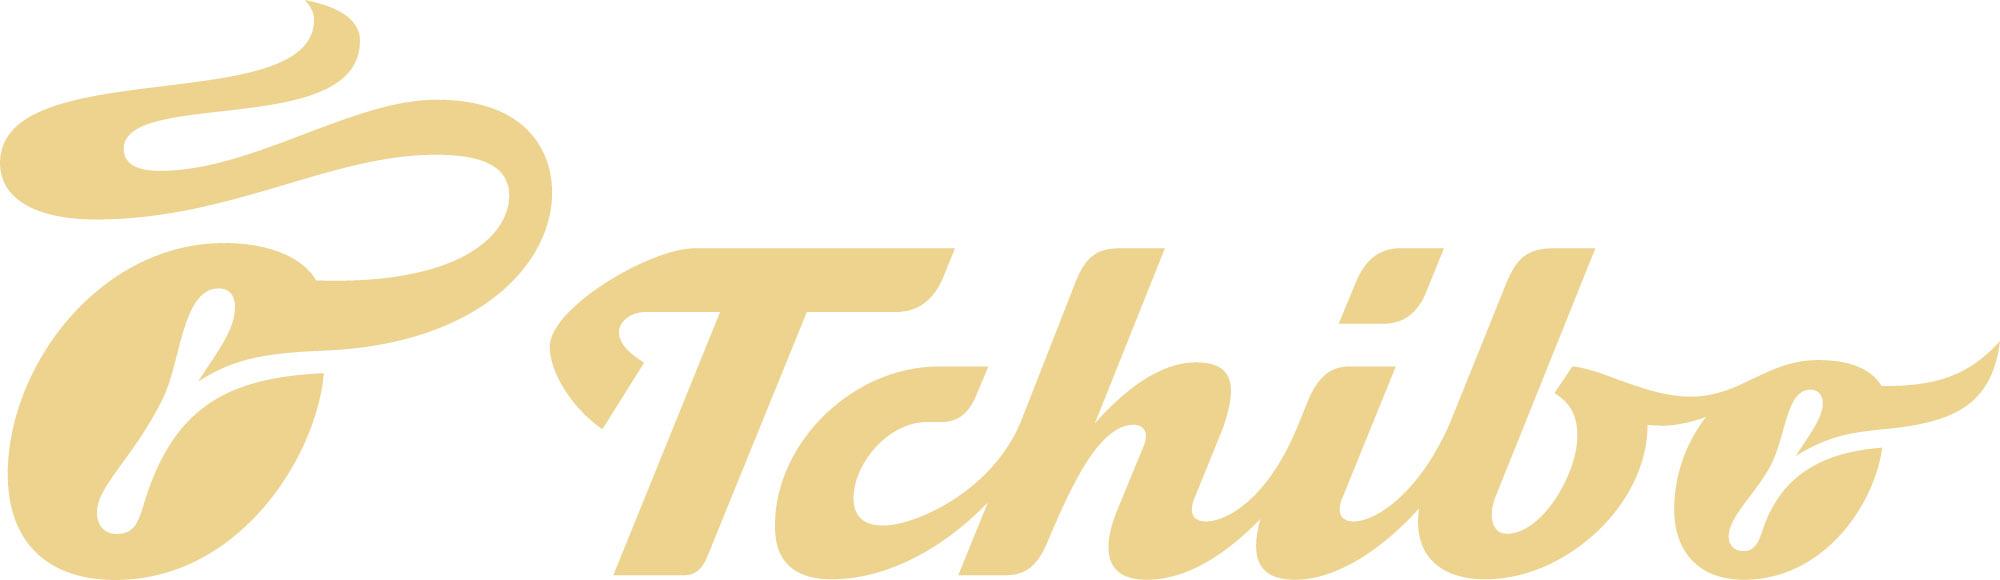 Gewinnen Sie mit Tchibo alles für die gesunde Landküche! - Sponsor logo